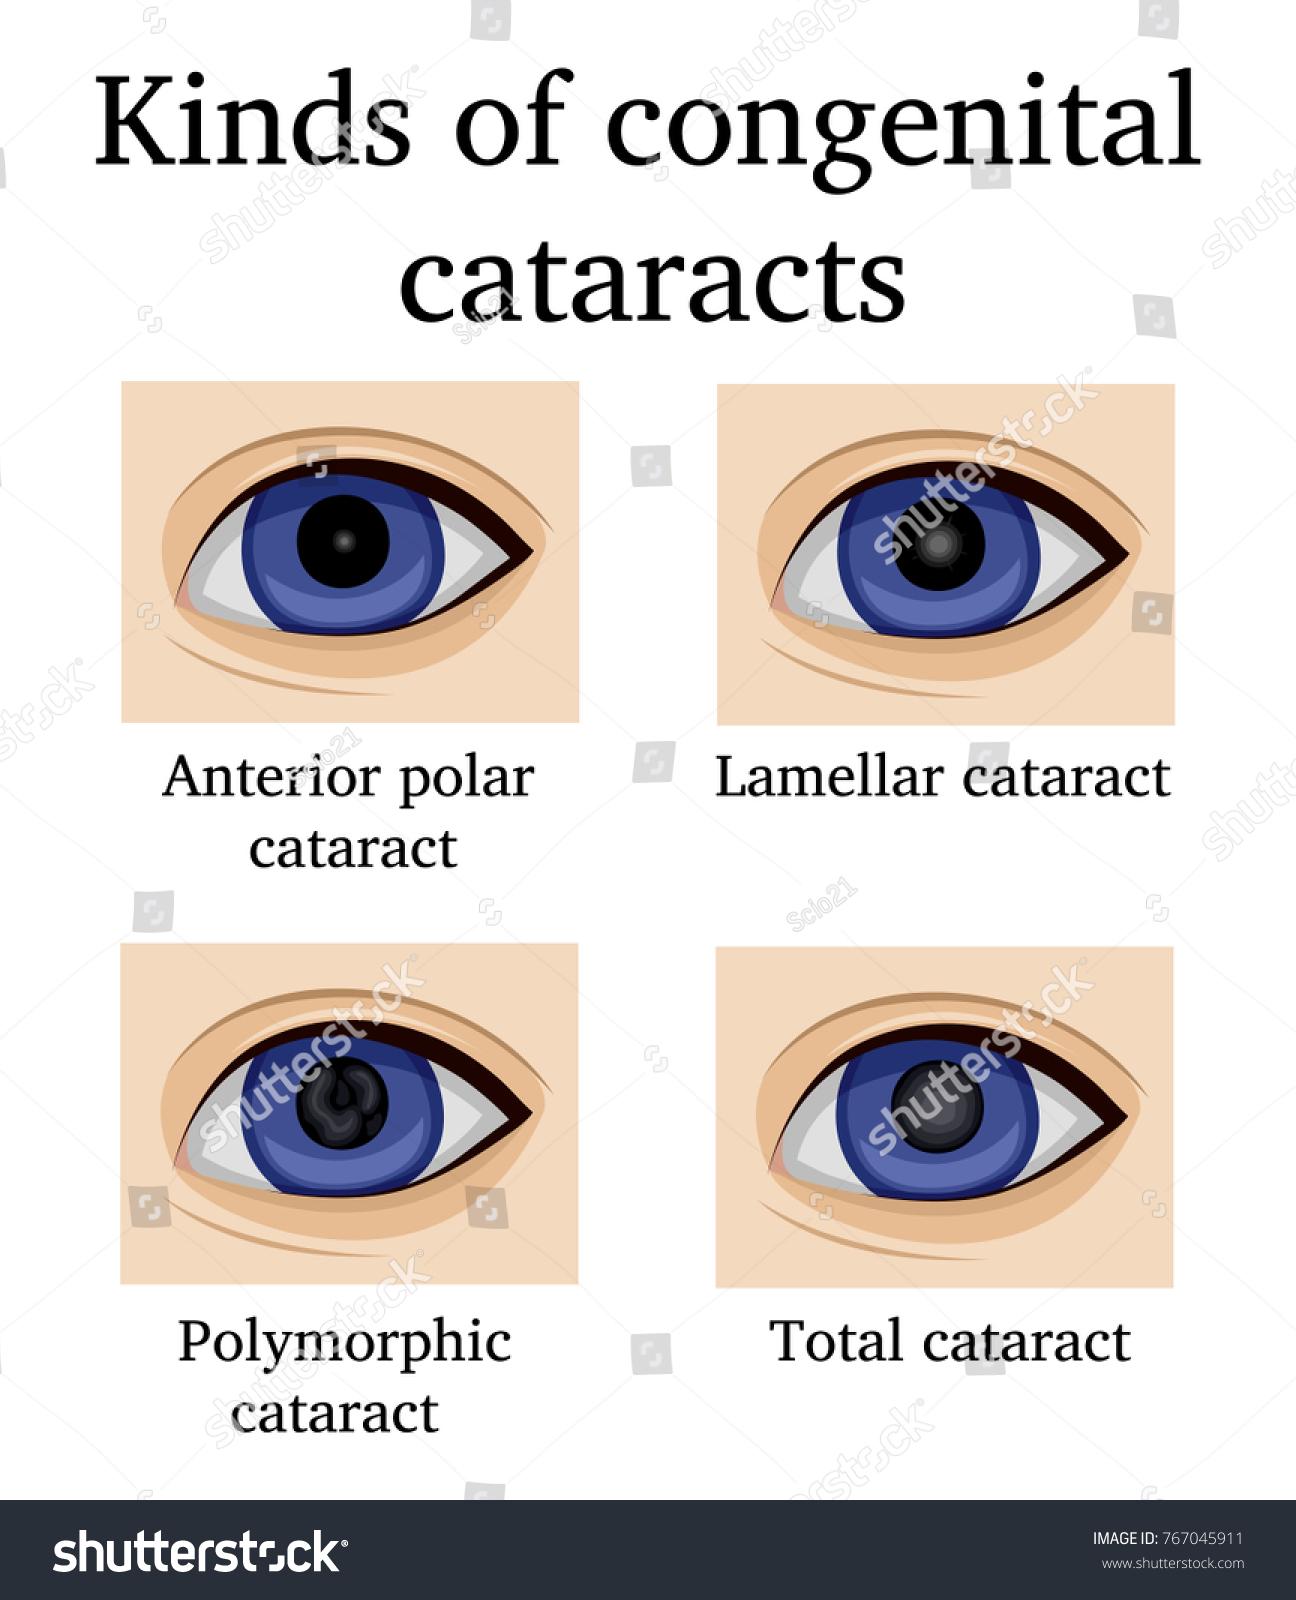 Lamellar Cataract